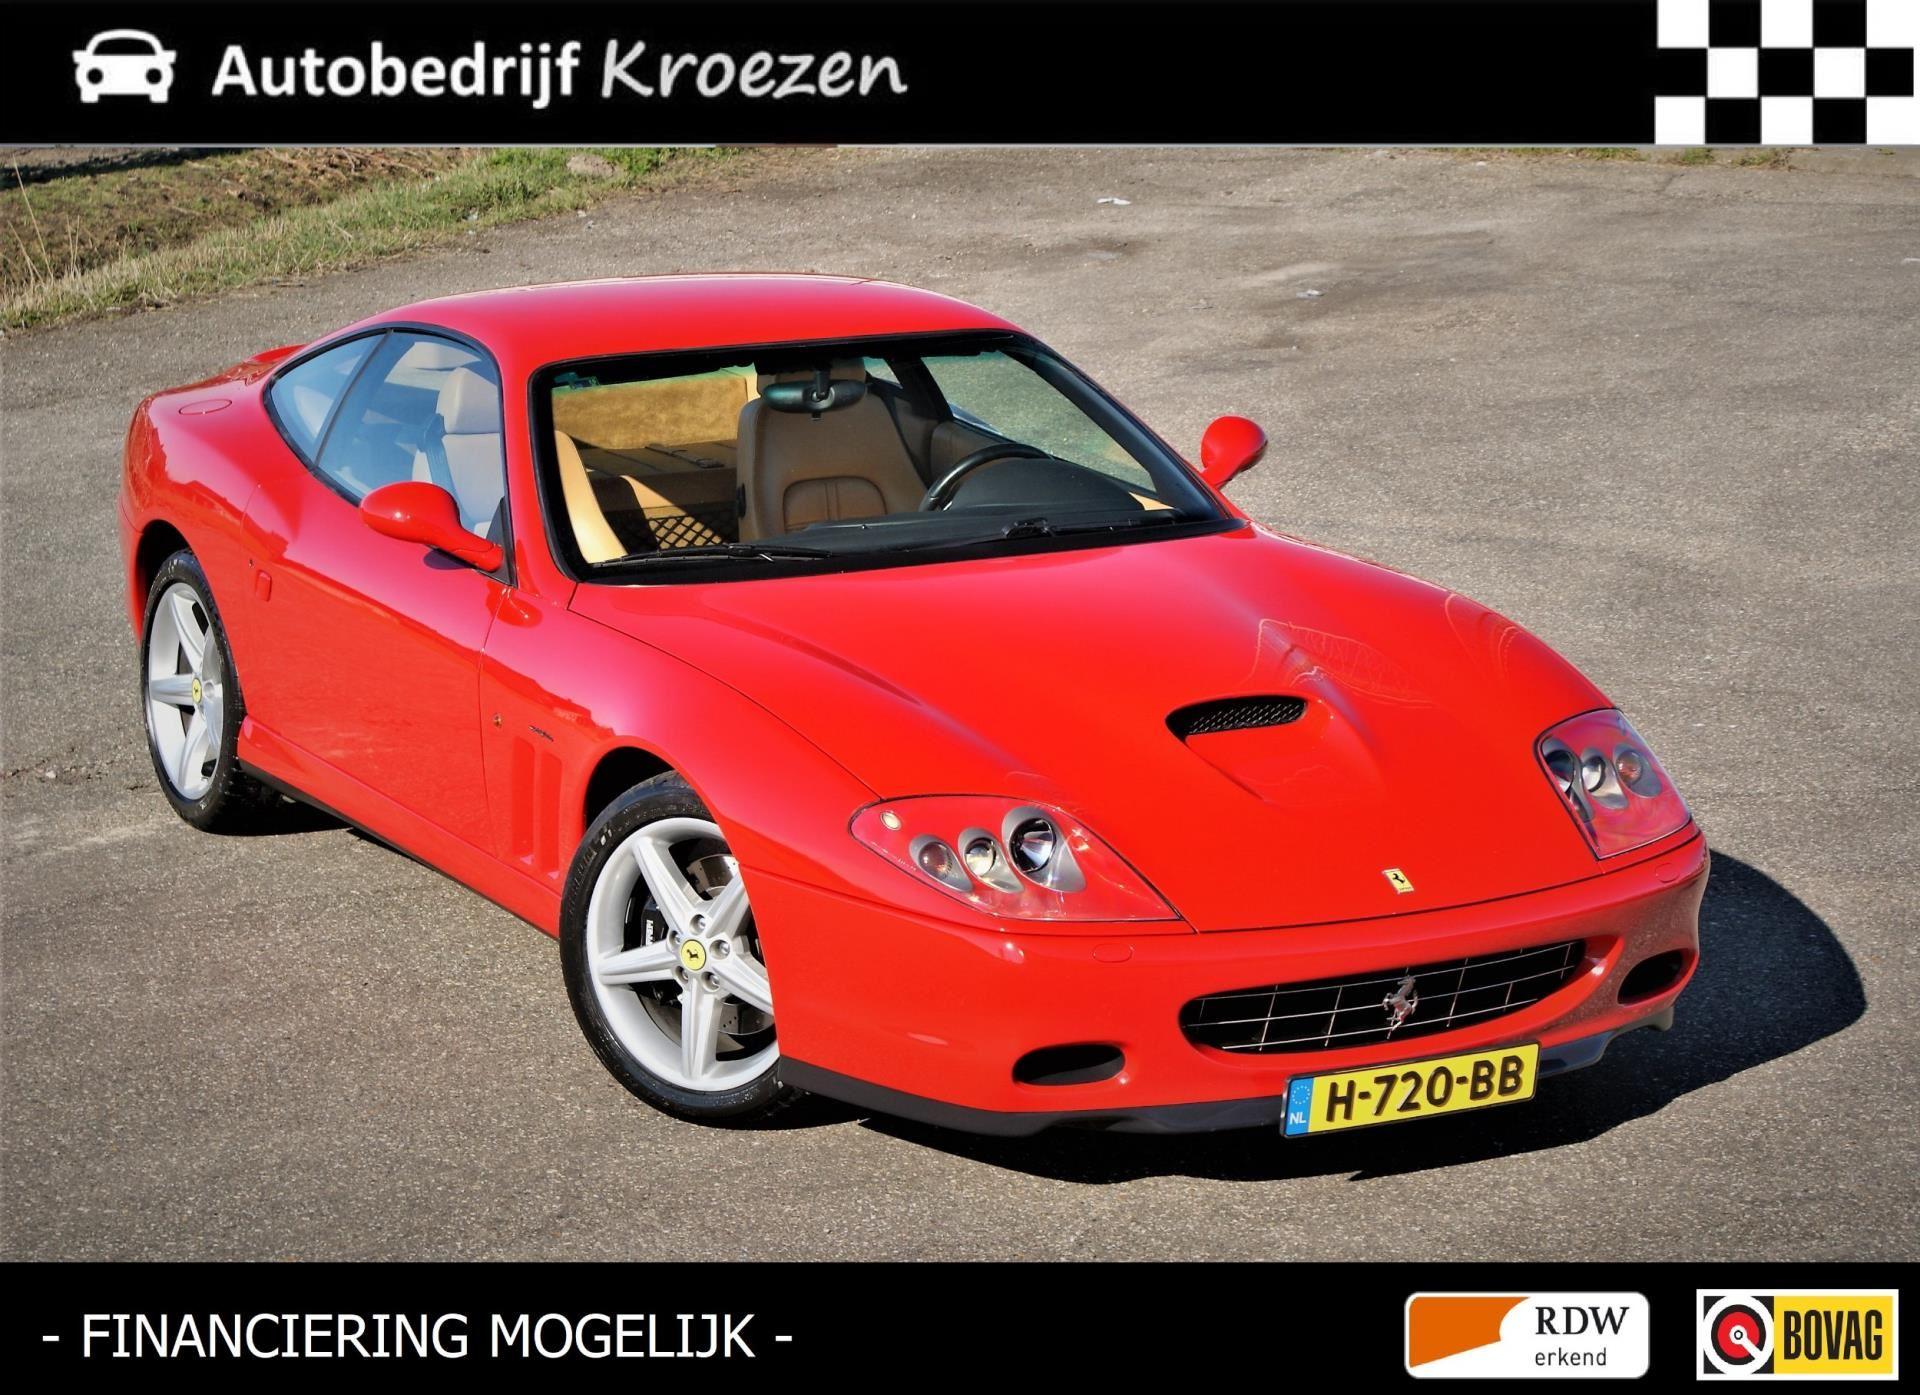 Ferrari 575M occasion - Autobedrijf Kroezen